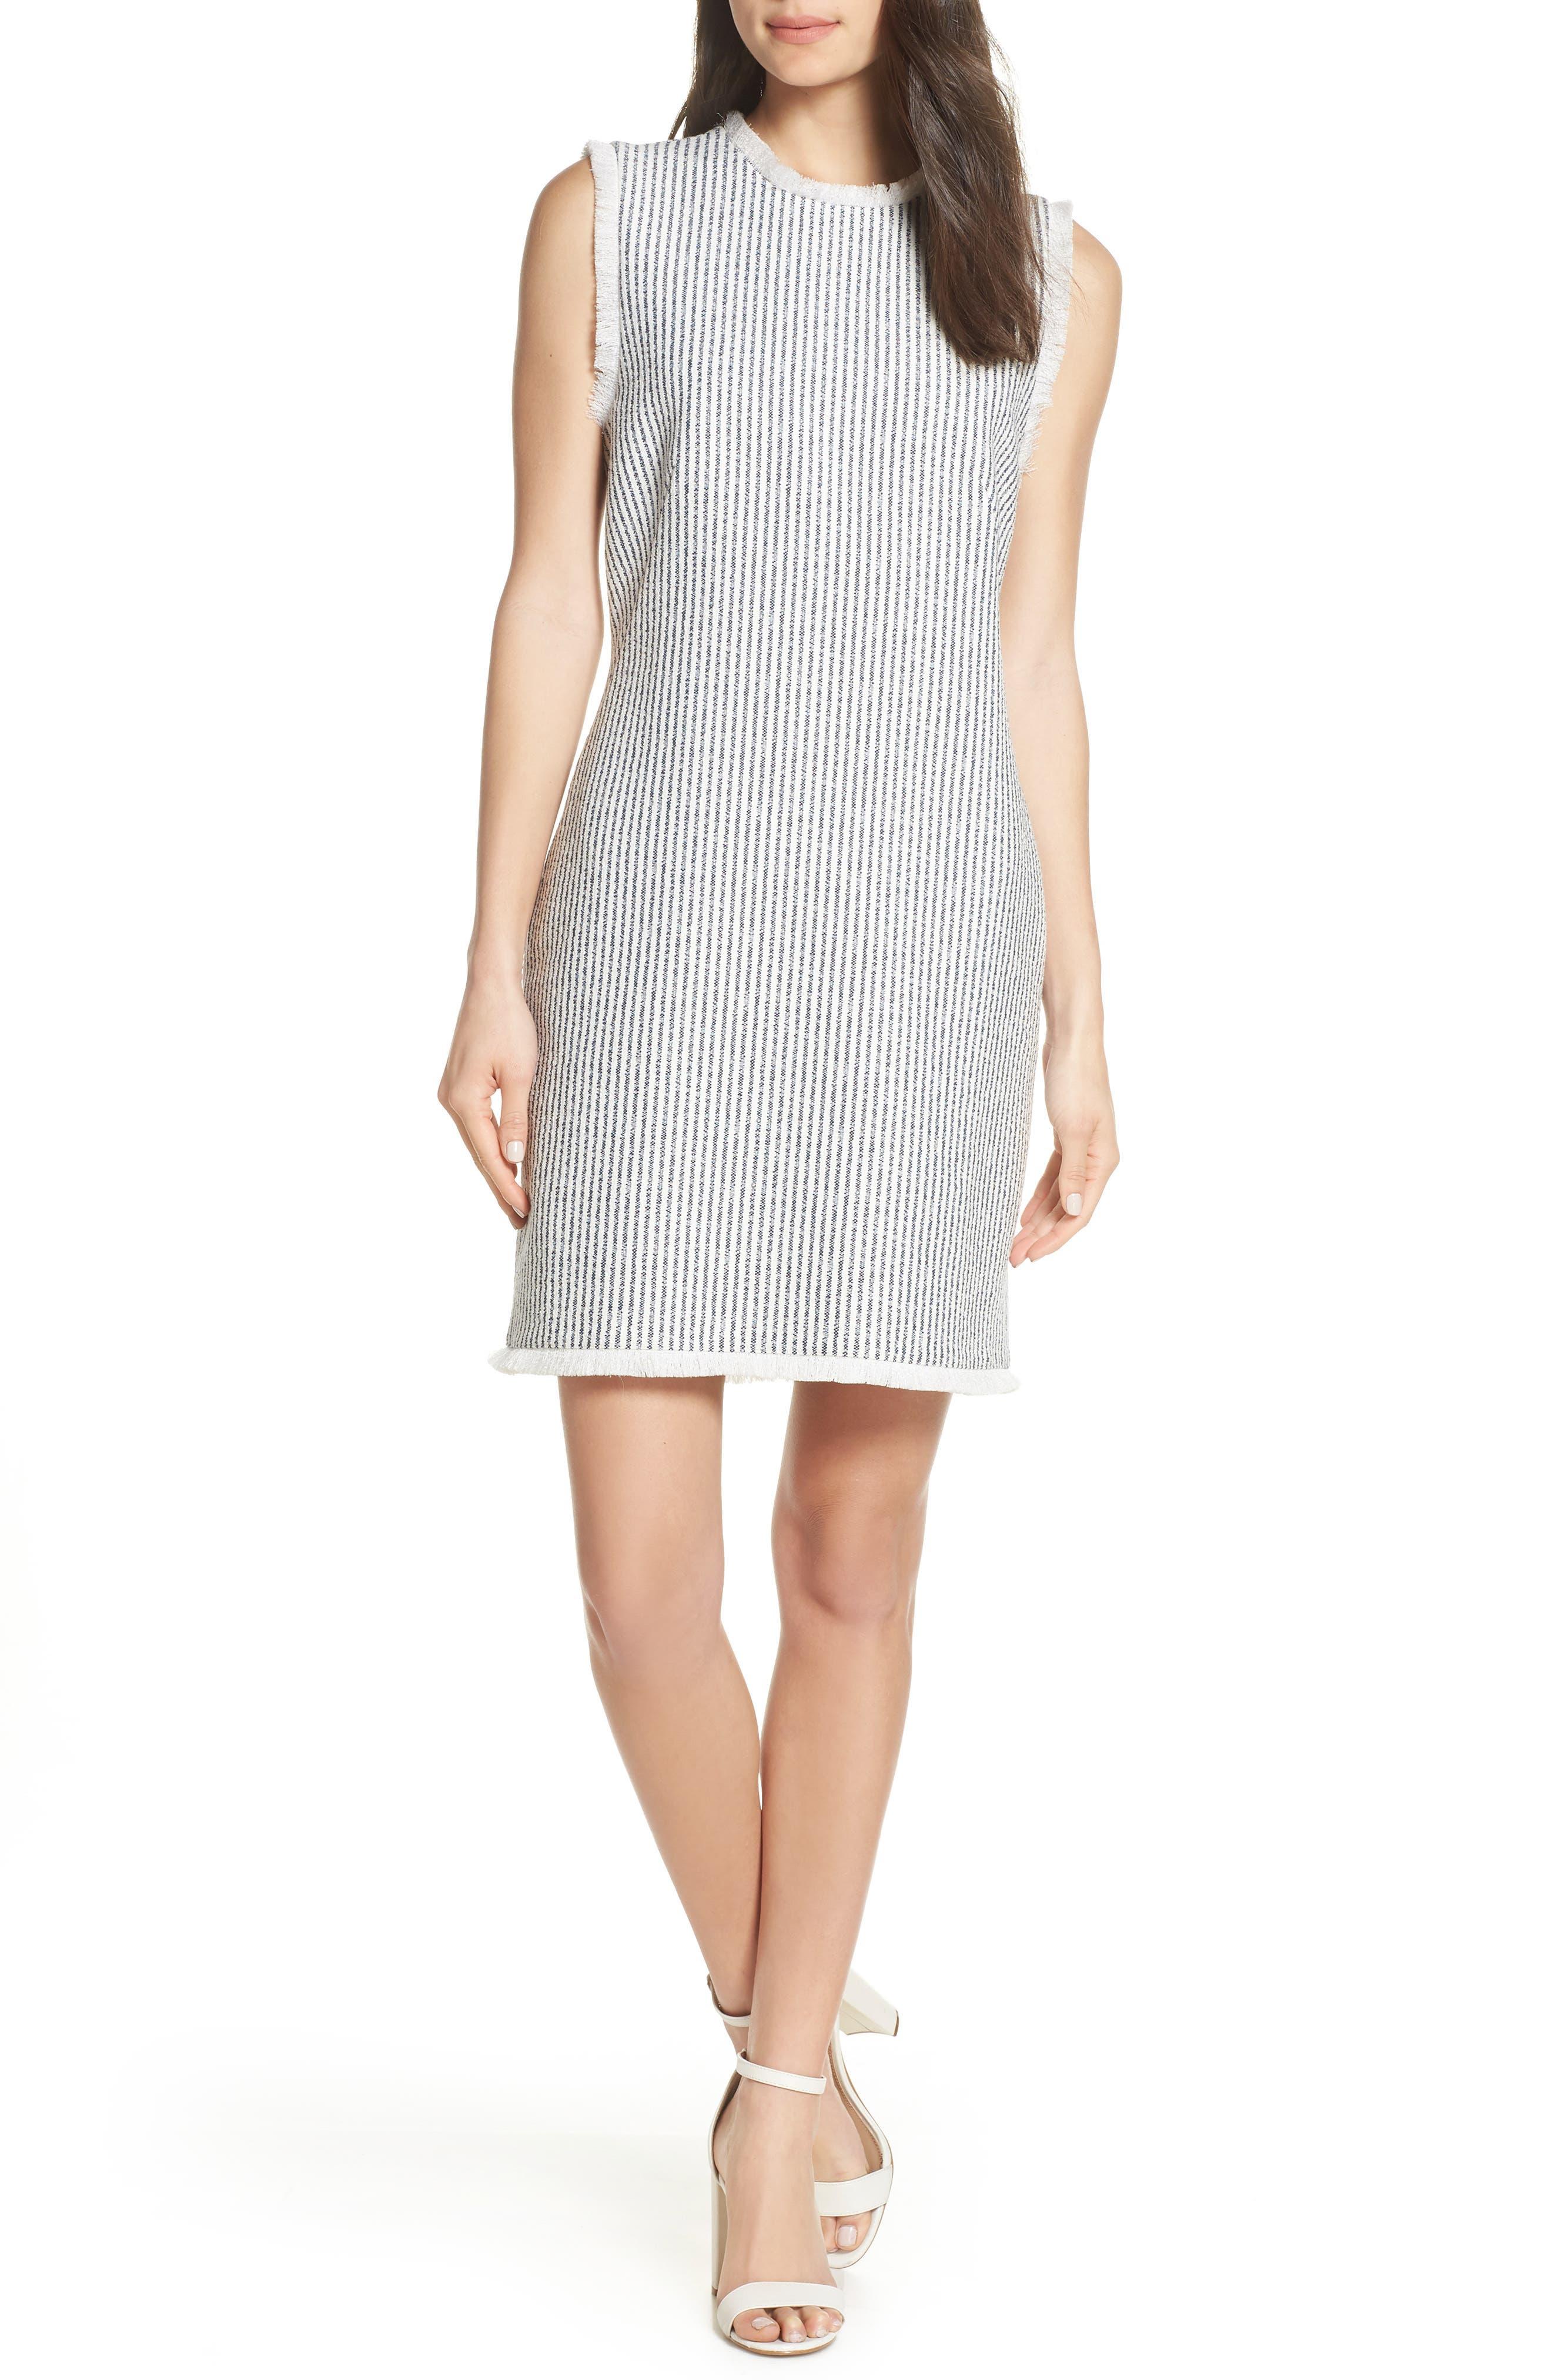 CHARLES HENRY Fringe Trim Stripe Shift Dress, Main, color, NAVY WHITE STRIPE